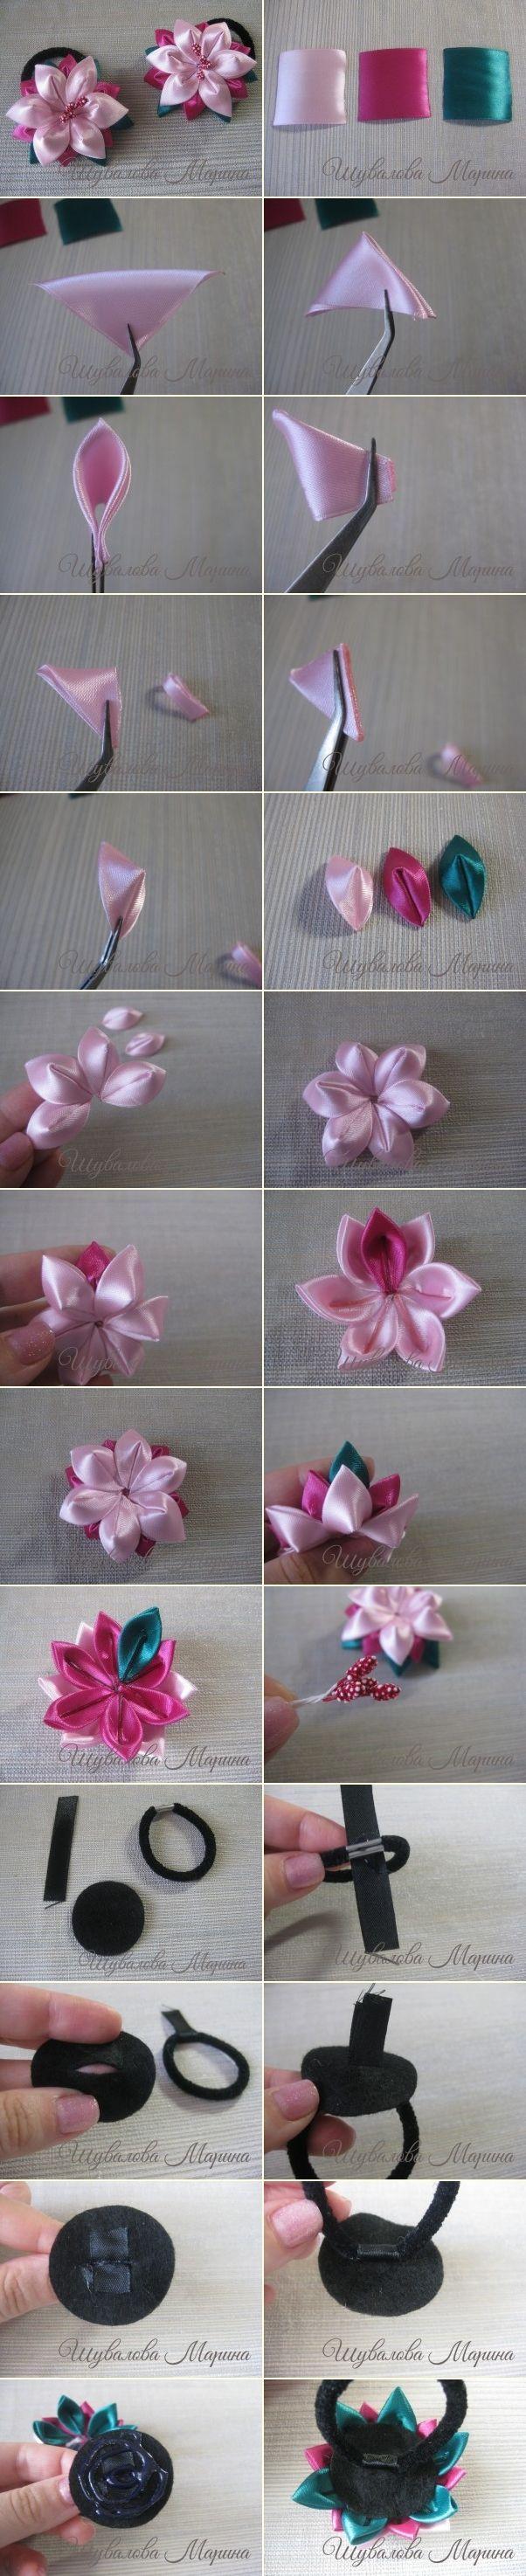 Цветы из атласных лент в технике канзаши.